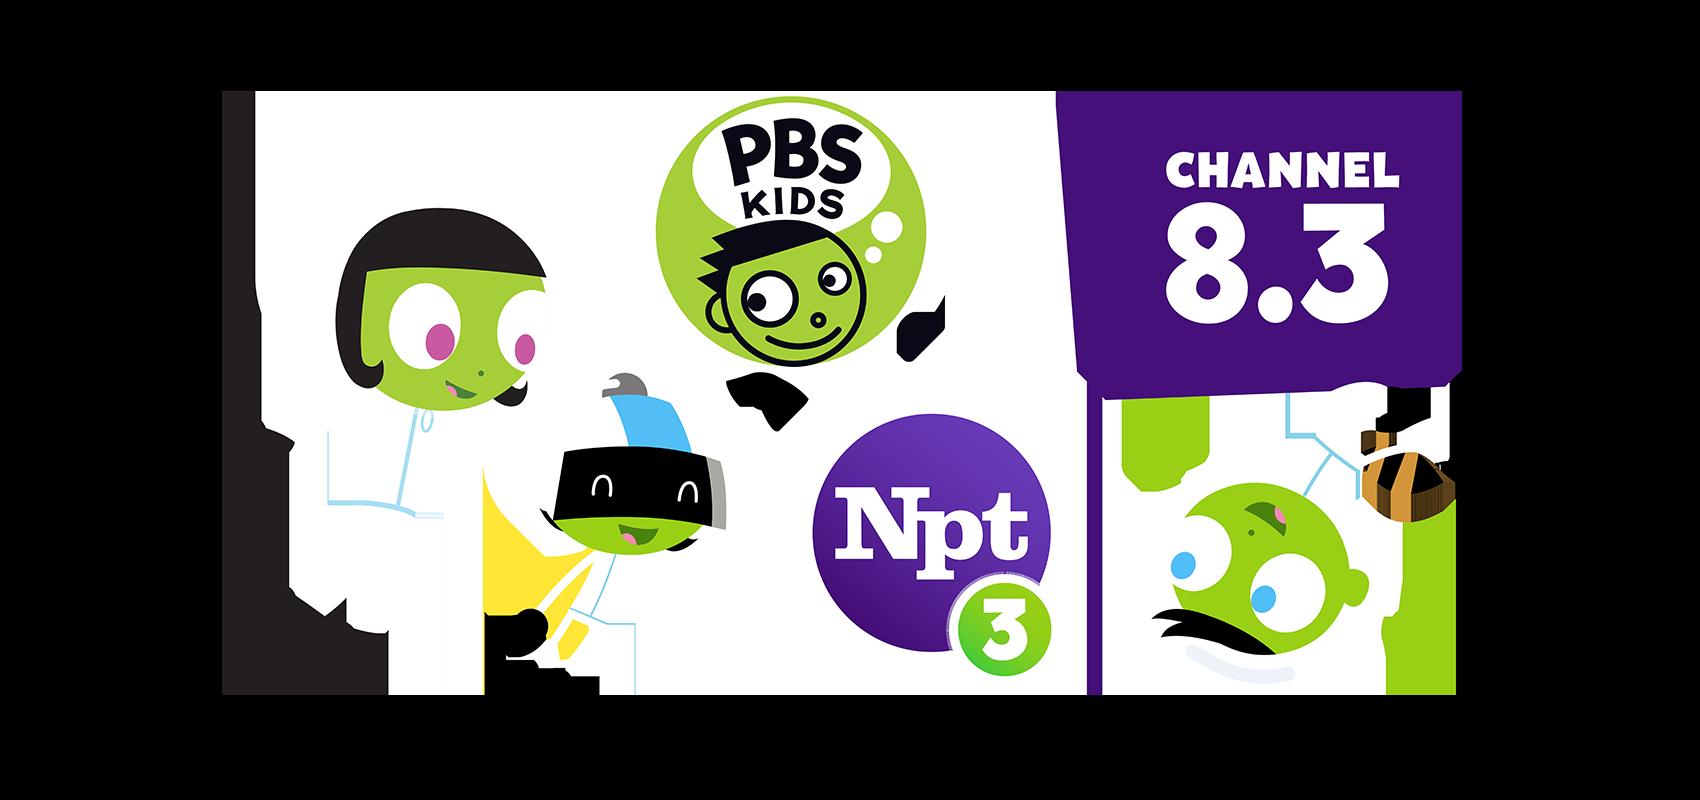 PBS Kids on NPT3